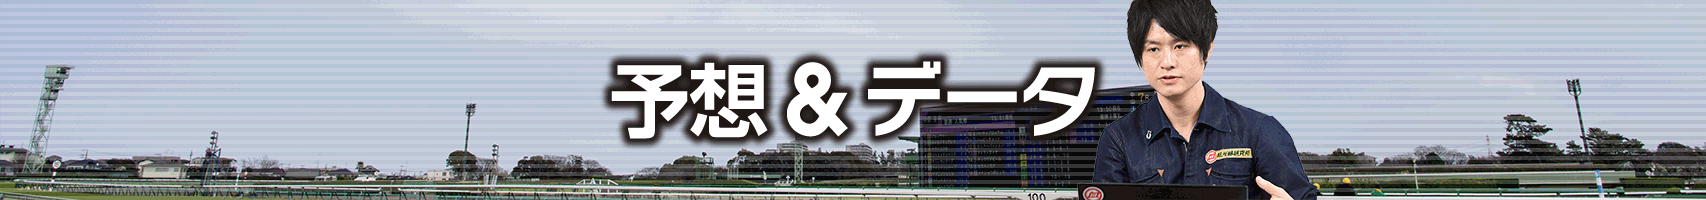 関屋記念/過去の好走馬4ライン小系統&3代内種牡馬